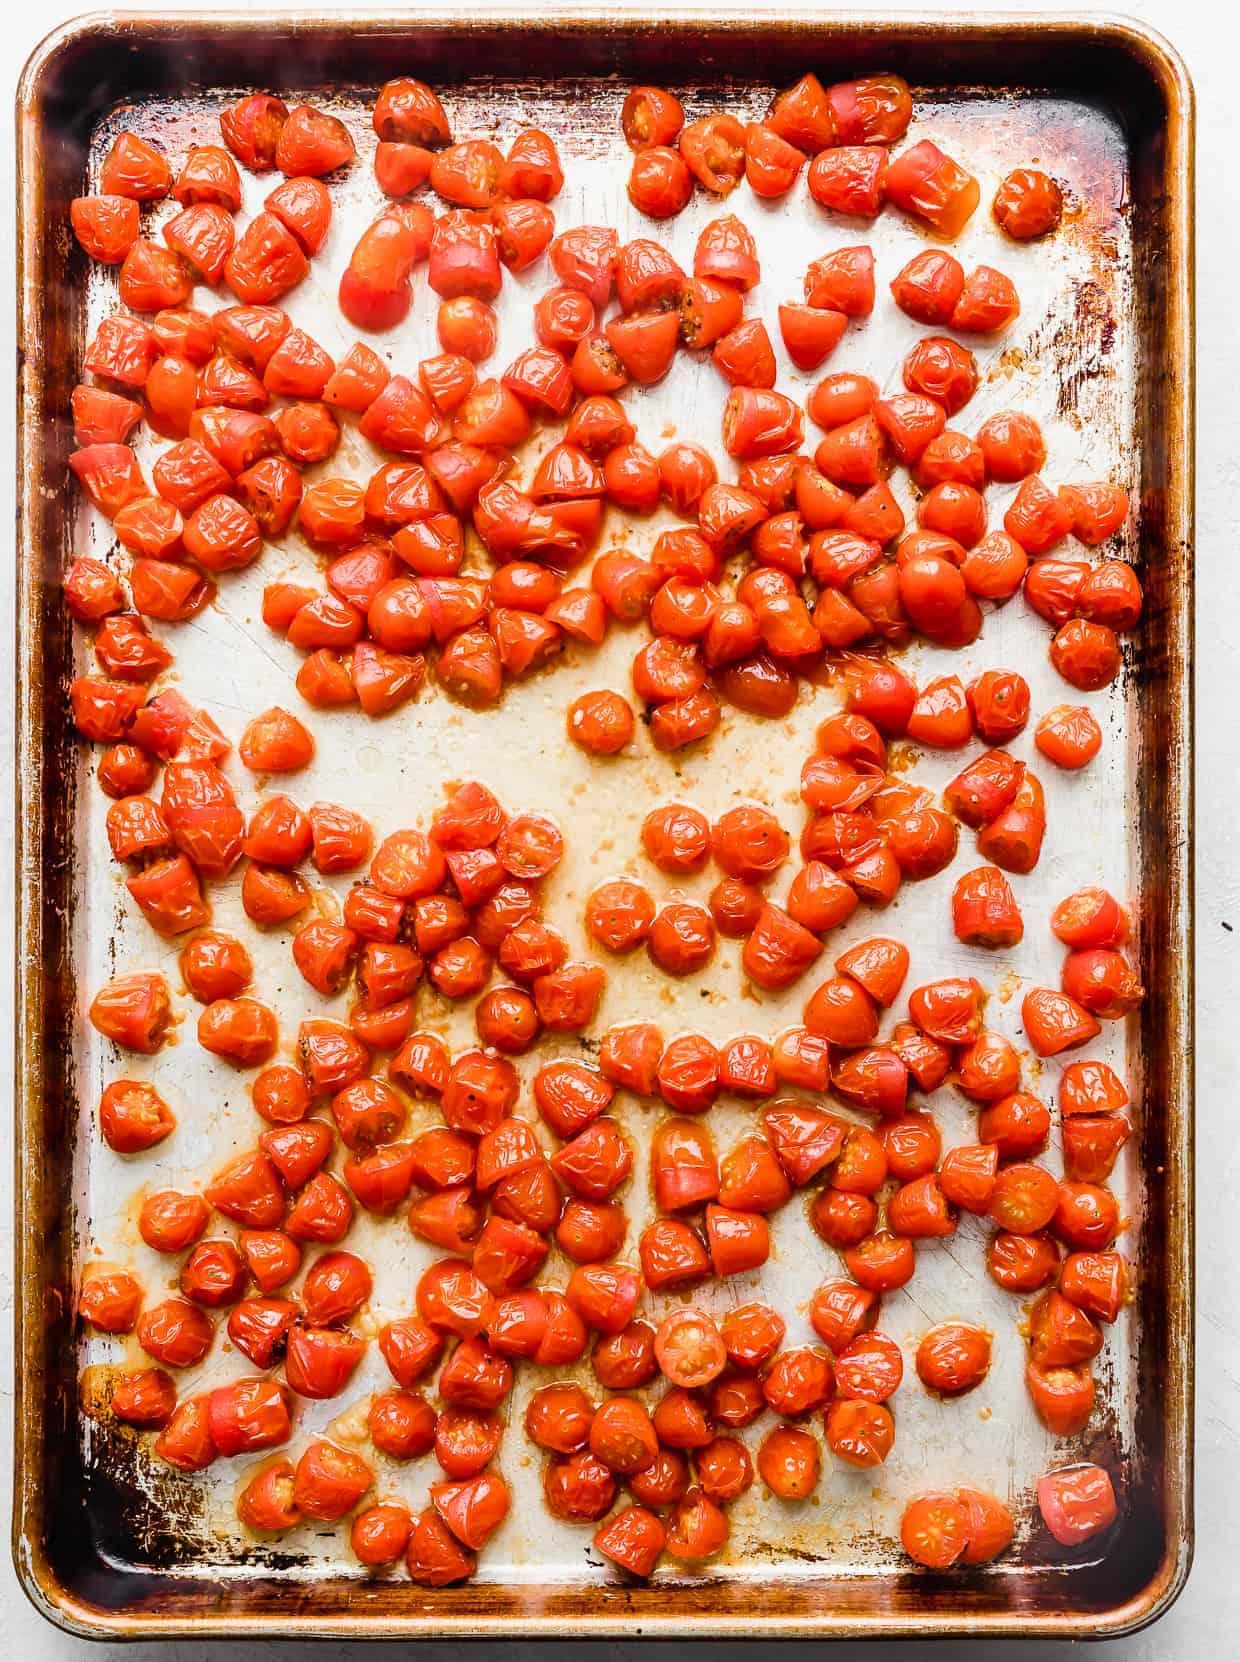 Shriveled roasted red tomatoes on a baking sheet.